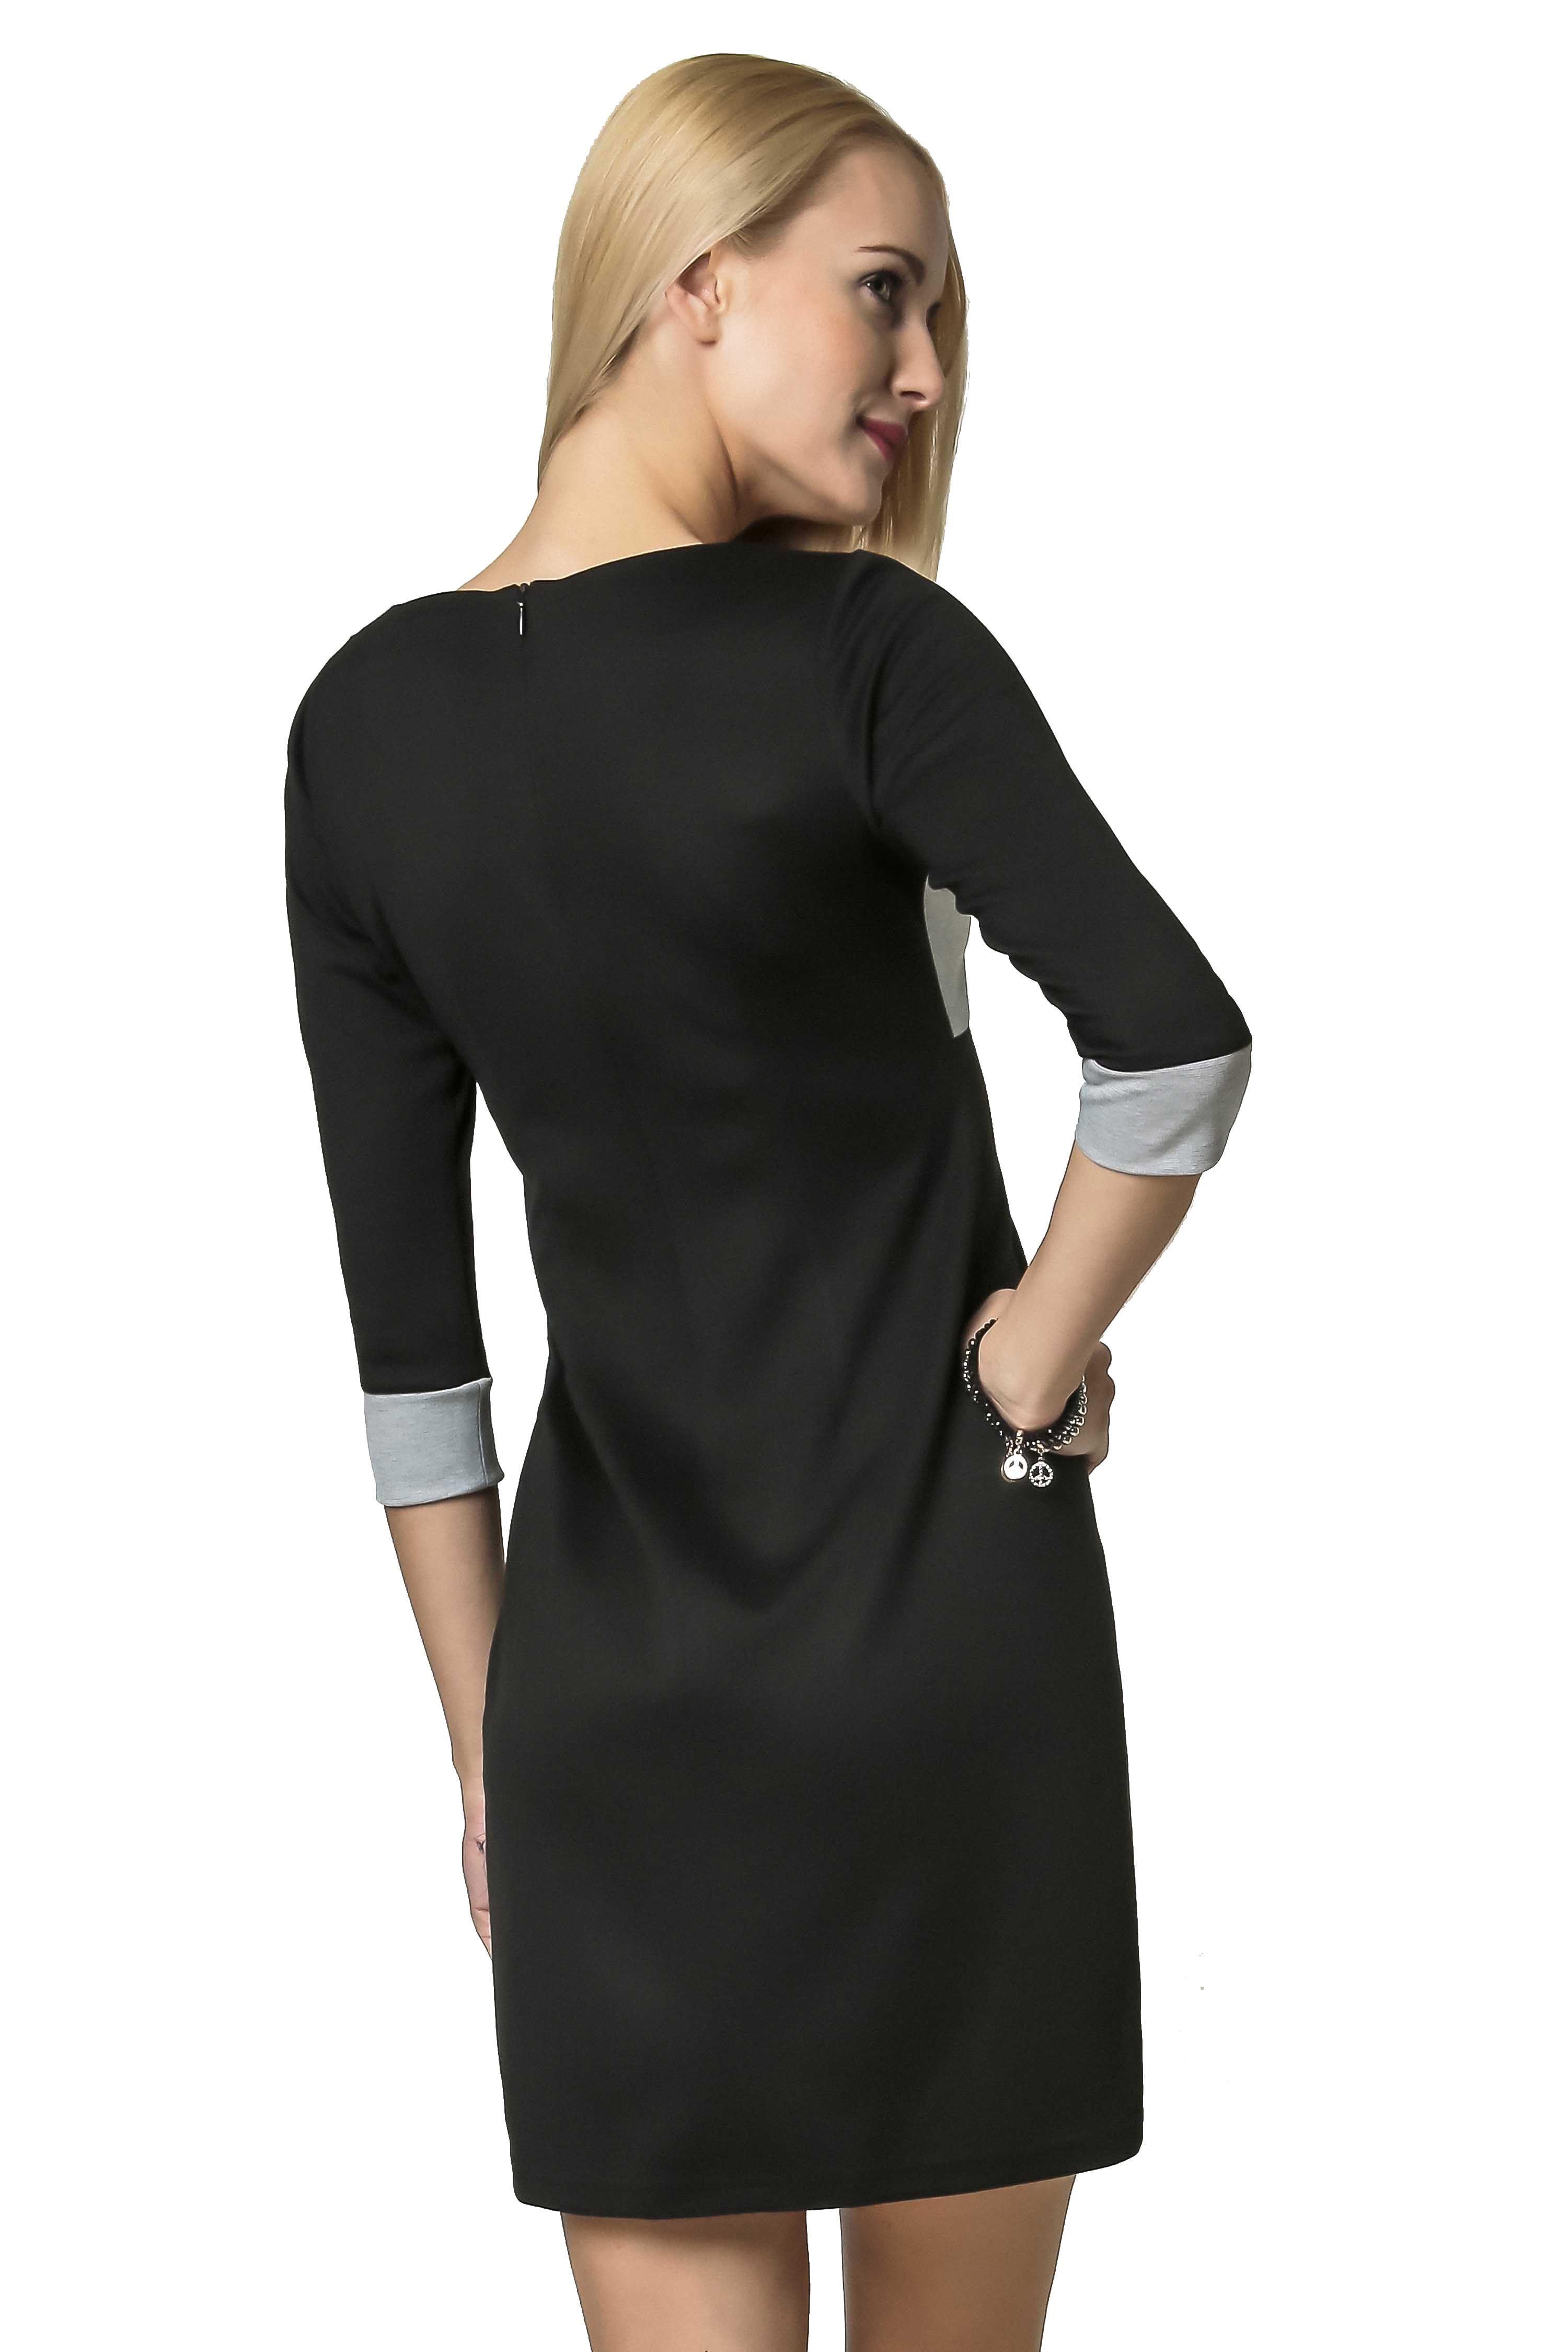 Jeanette dress in gray-black